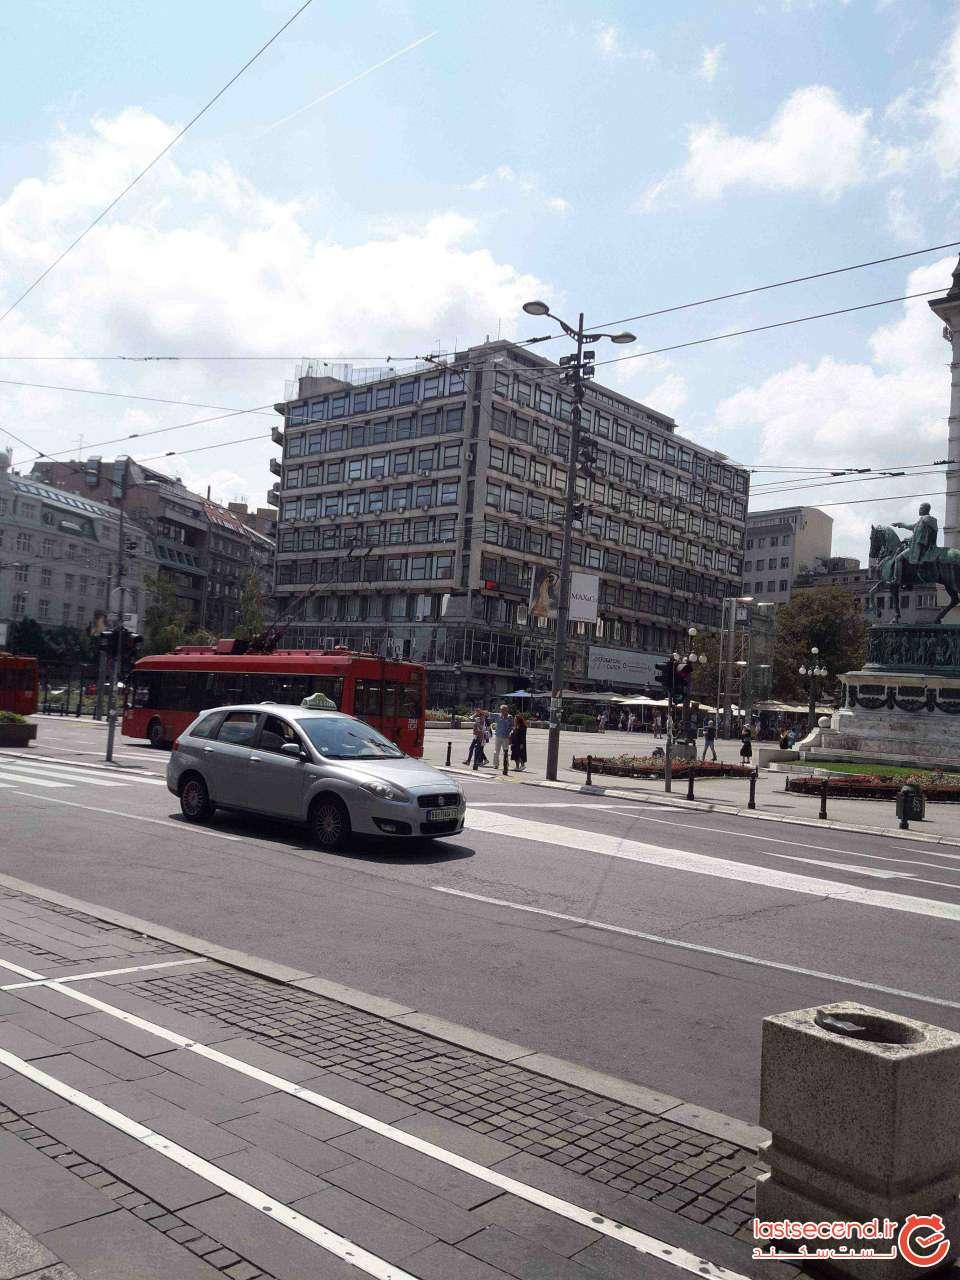 حمل و نقل عمومی بلگراد